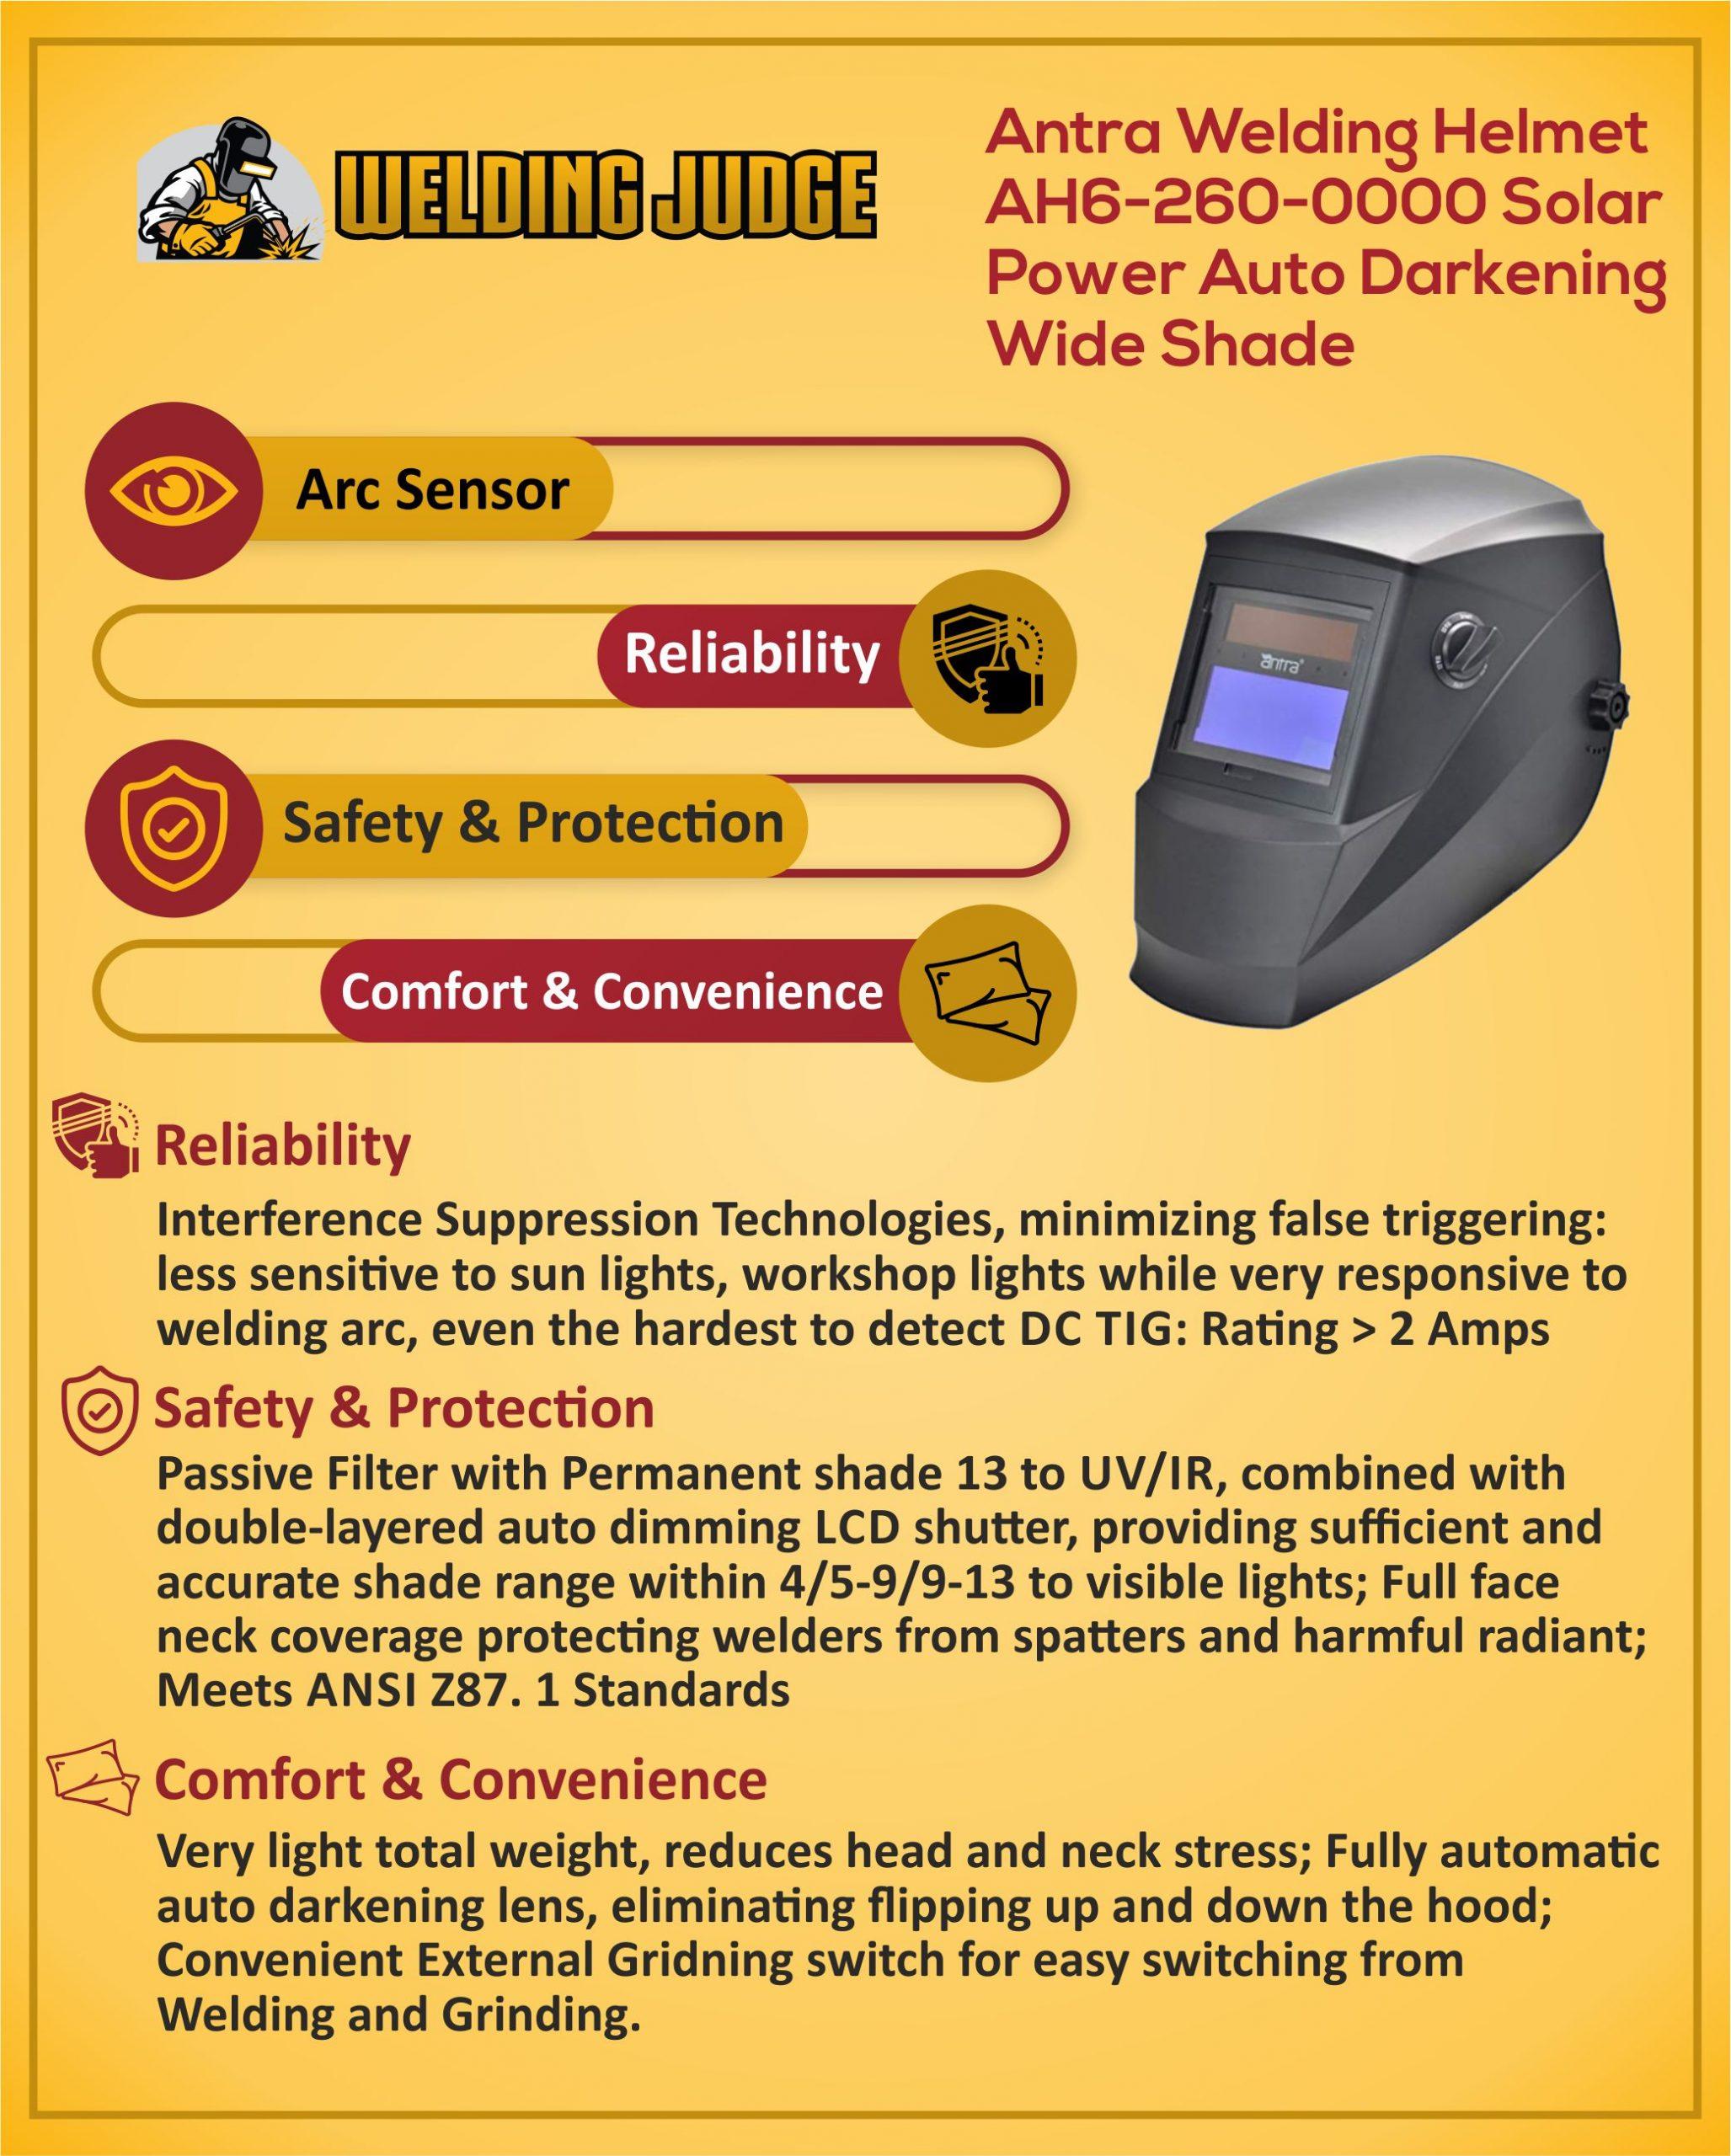 Antra Welding Helmet AH6-260-0000 detailed infographics